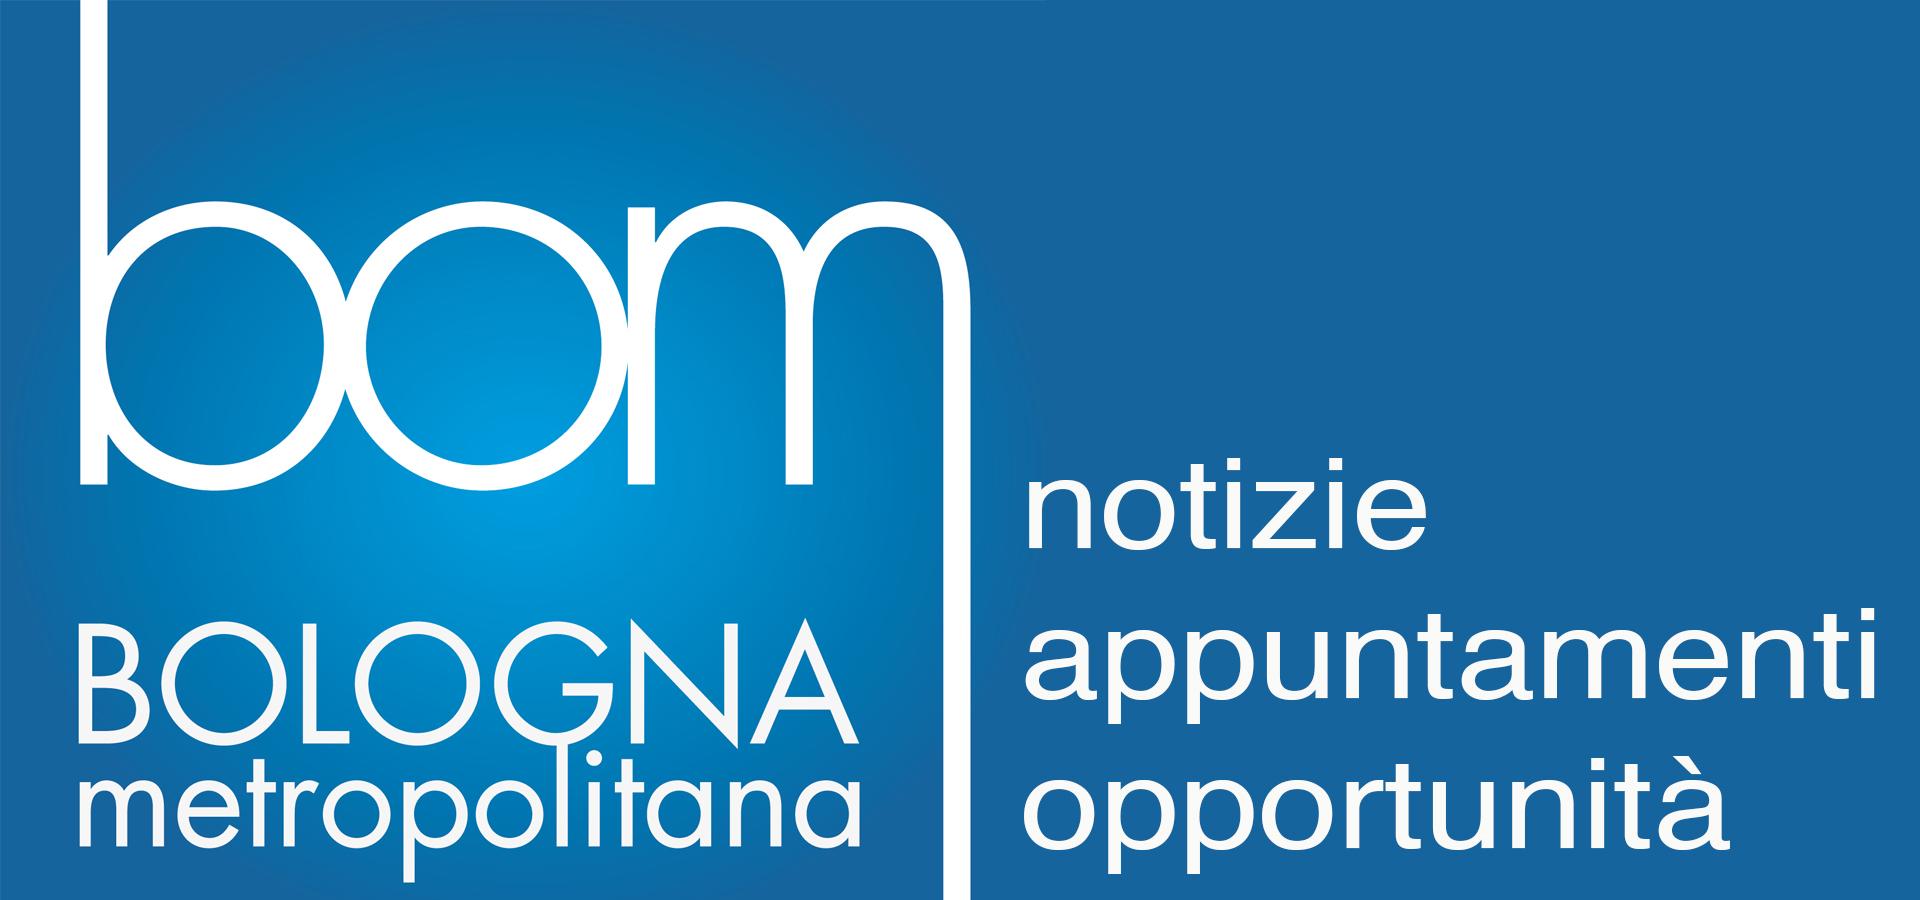 Bolognametropolitana